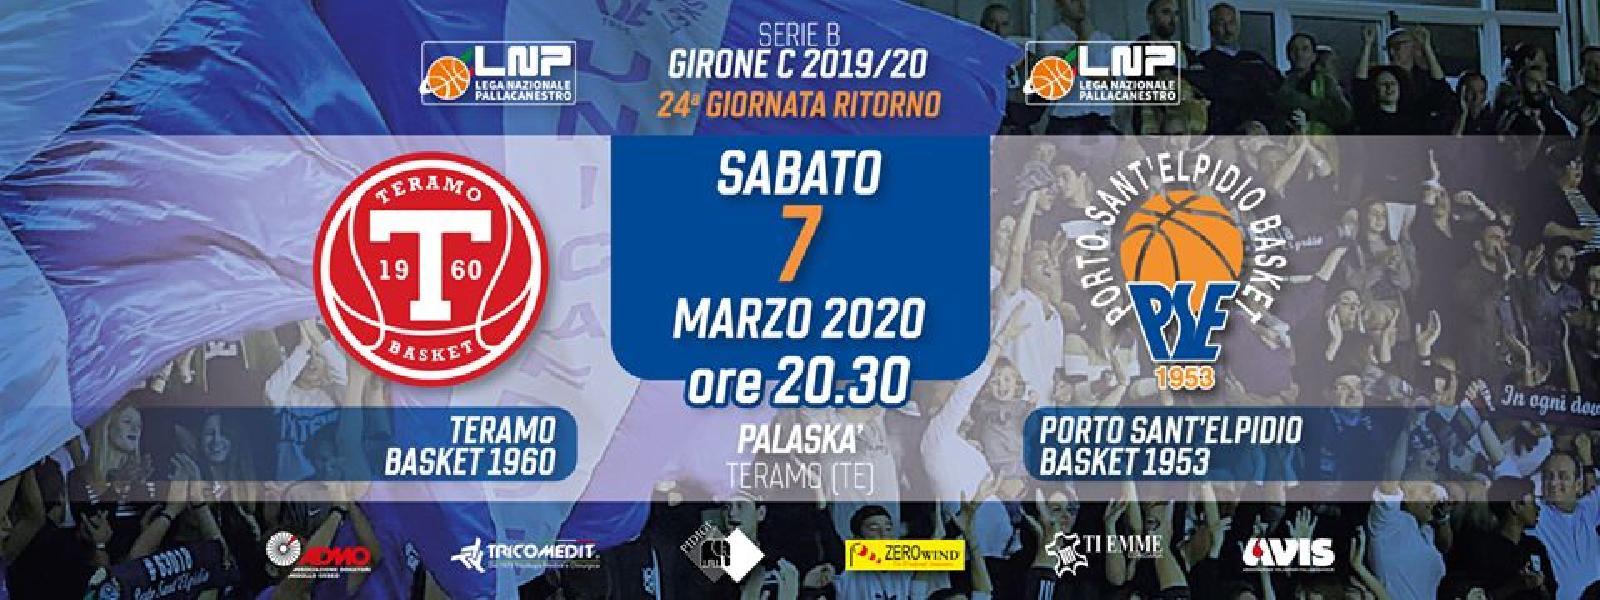 https://www.basketmarche.it/immagini_articoli/05-03-2020/ultim-serie-rinviata-sfida-teramo-basket-porto-sant-elpidio-basket-600.jpg